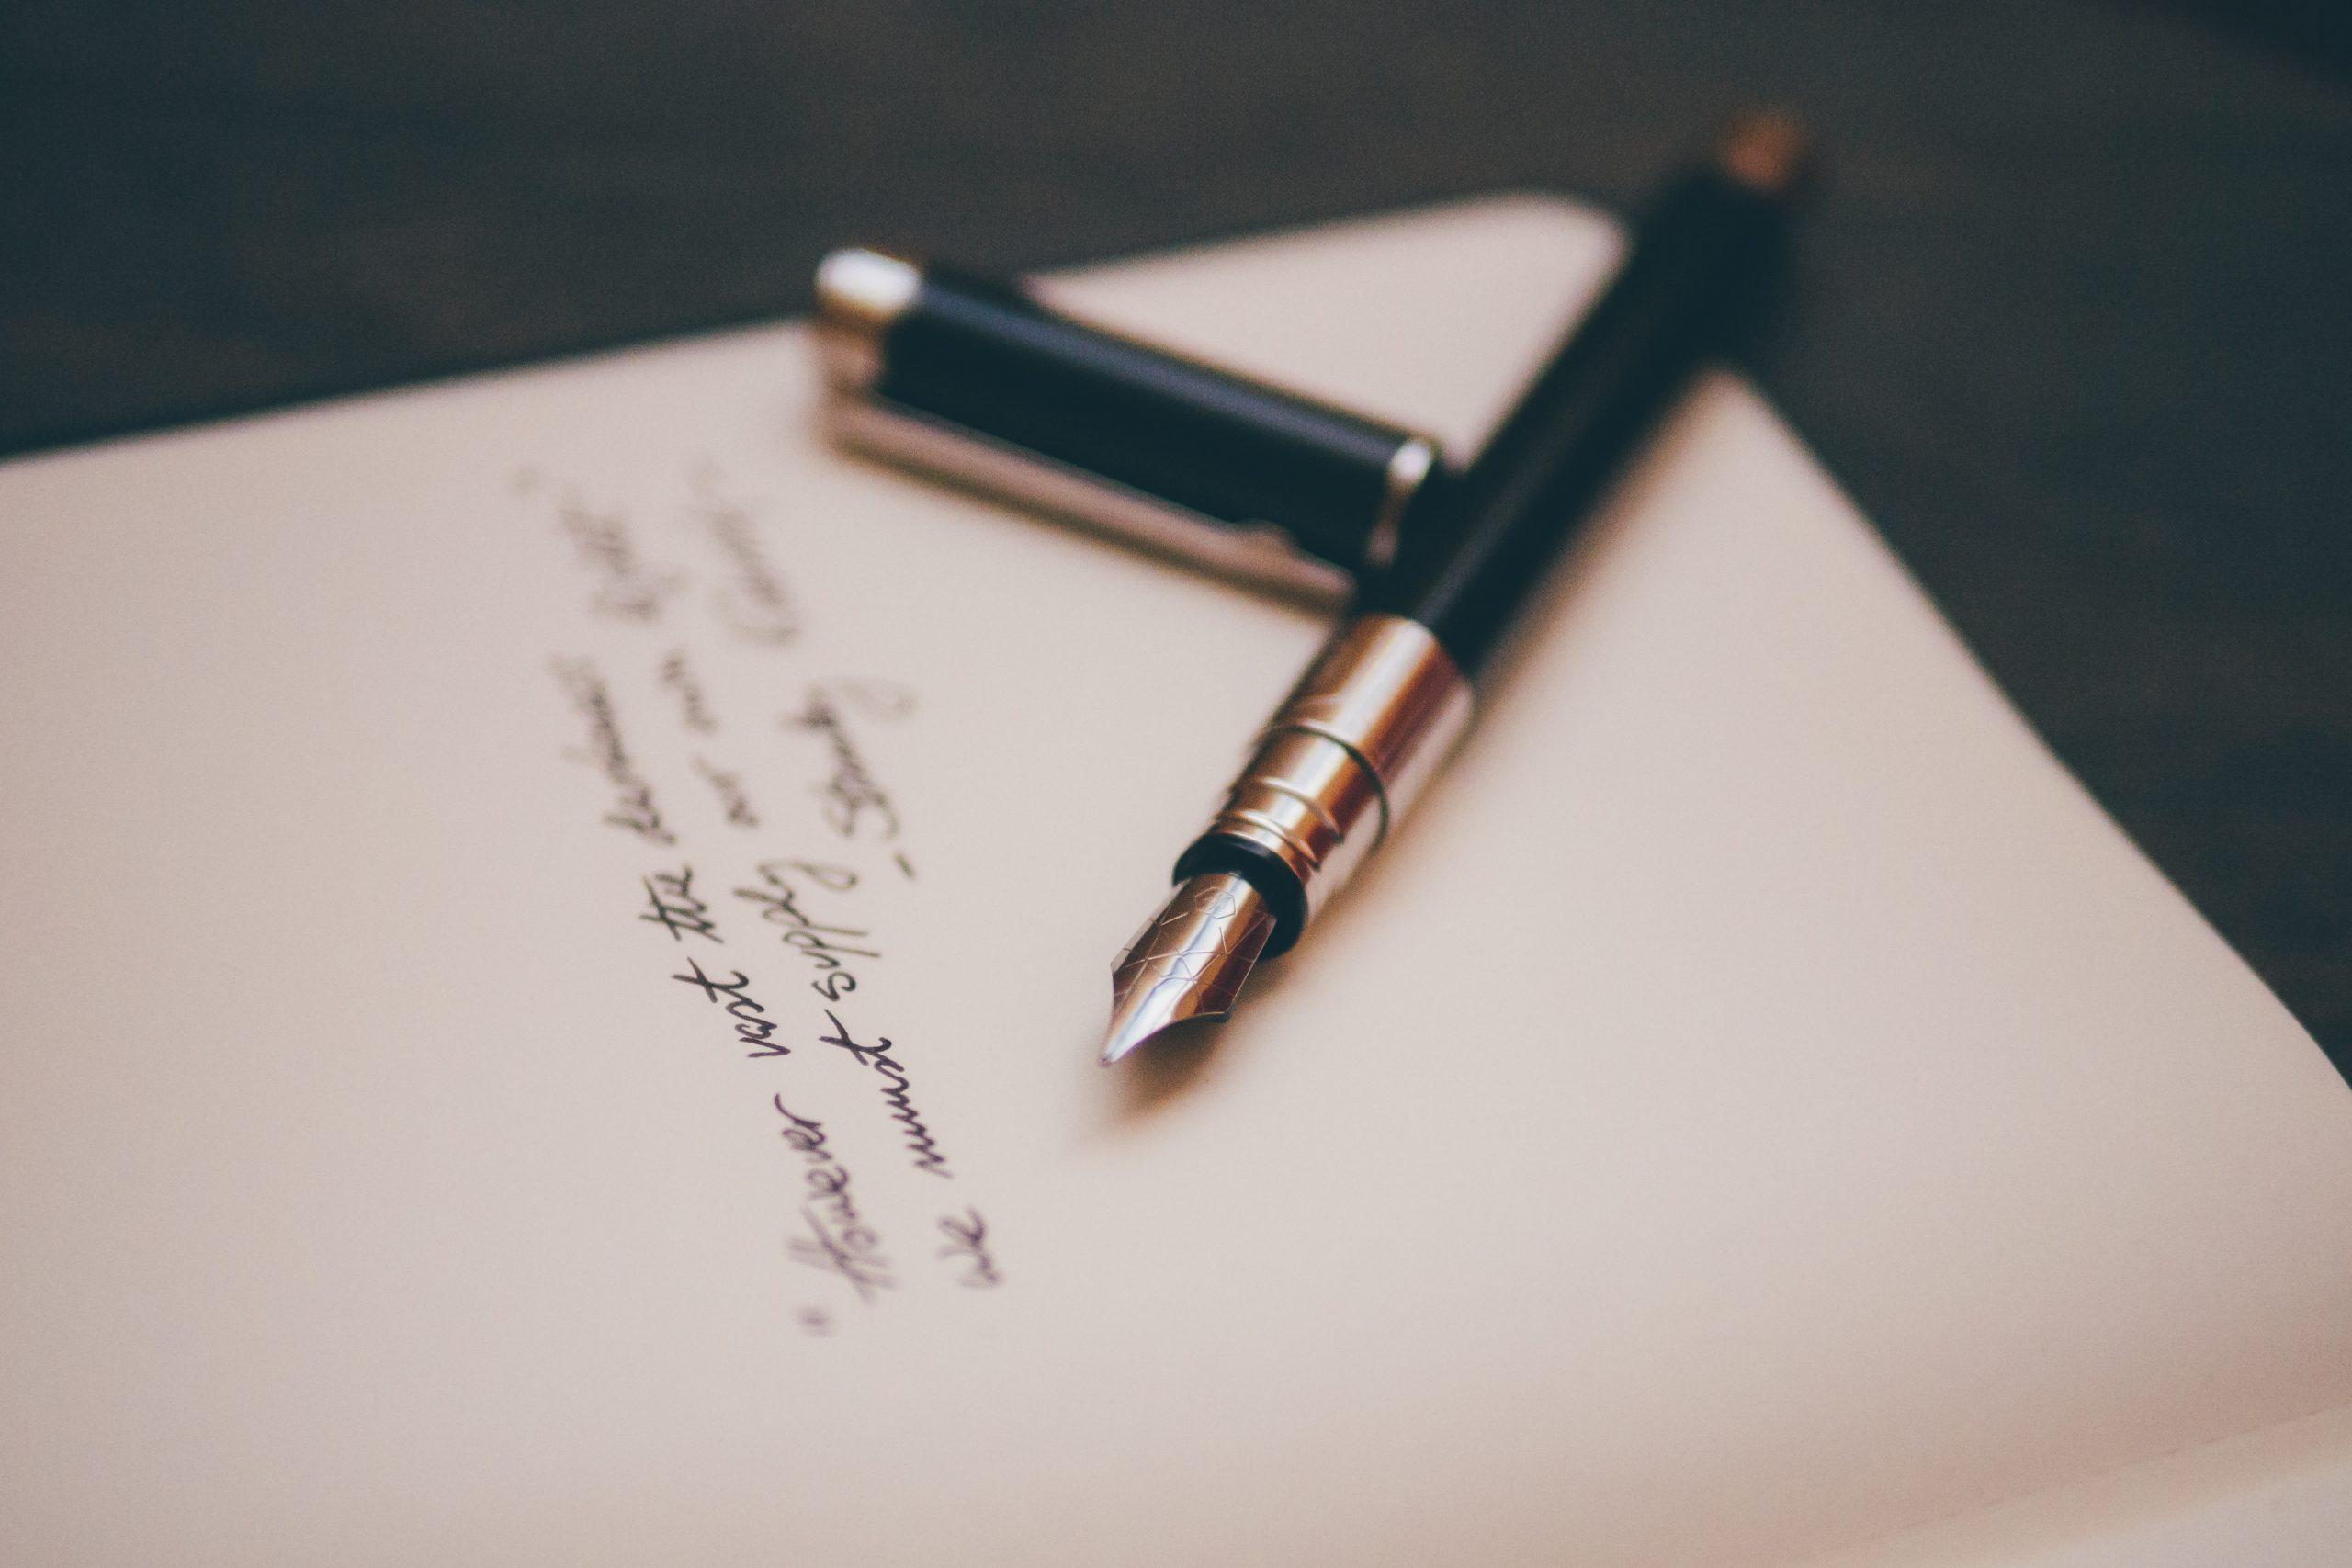 書くことでしか本当の自分は分からない